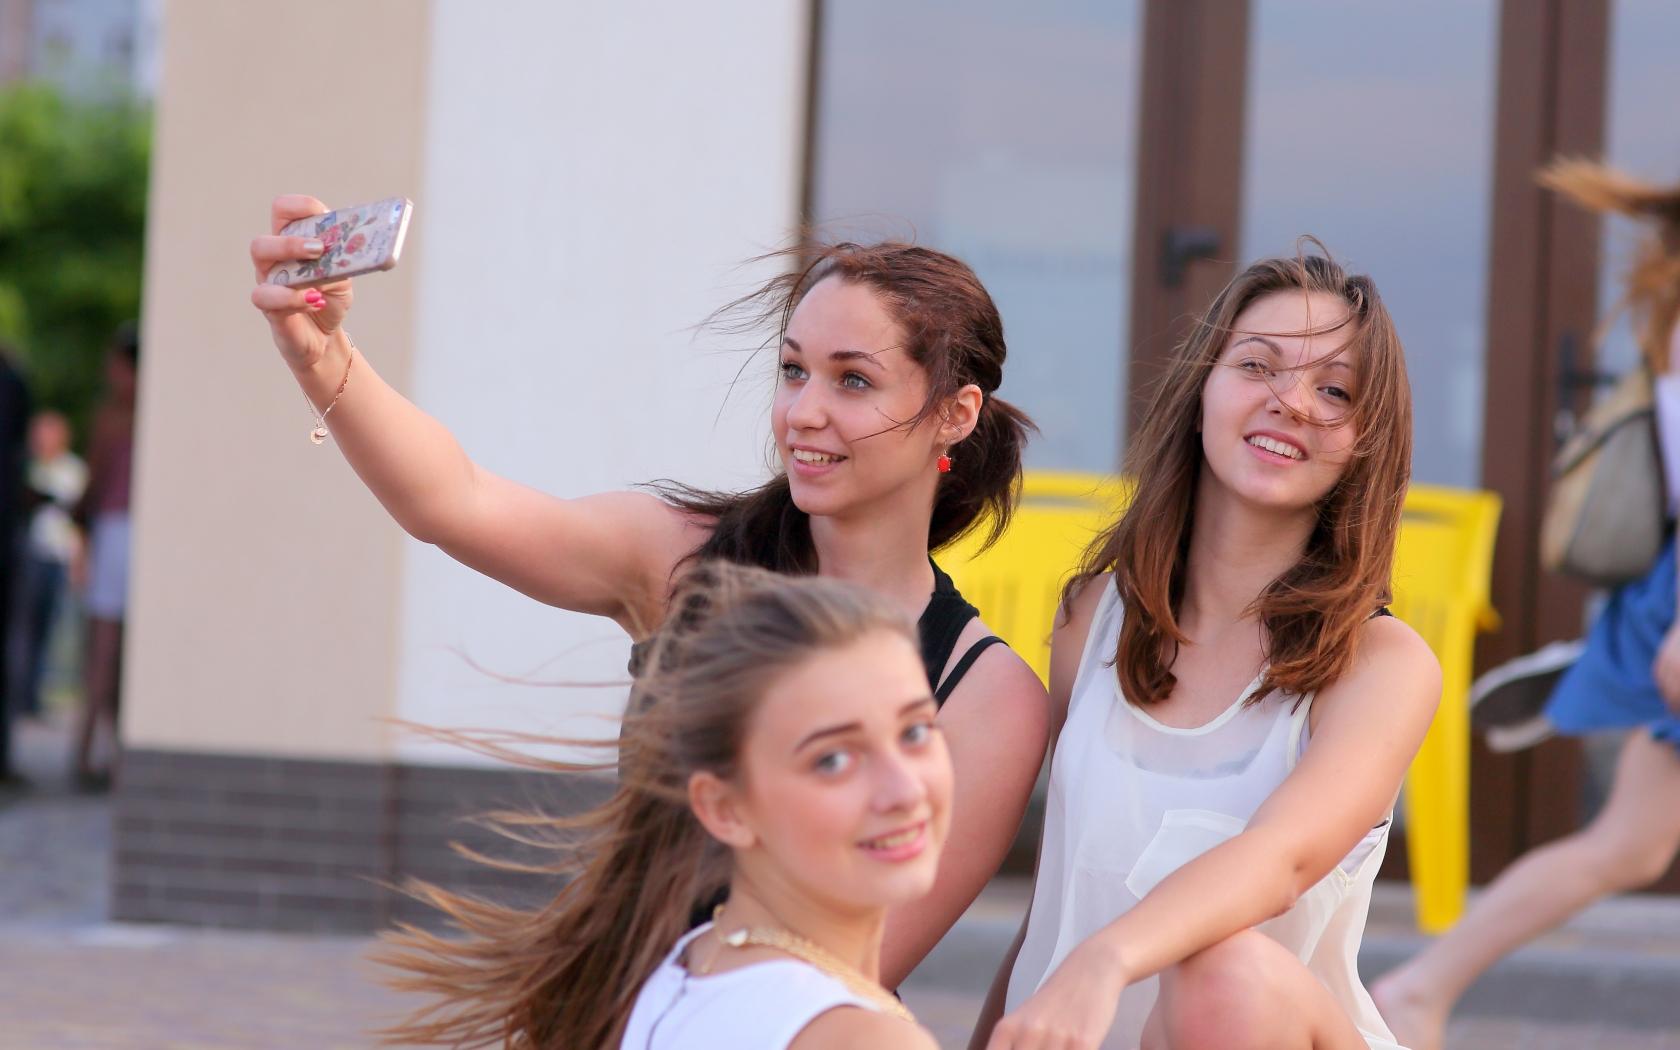 Selfie de chicas bellas - 1680x1050